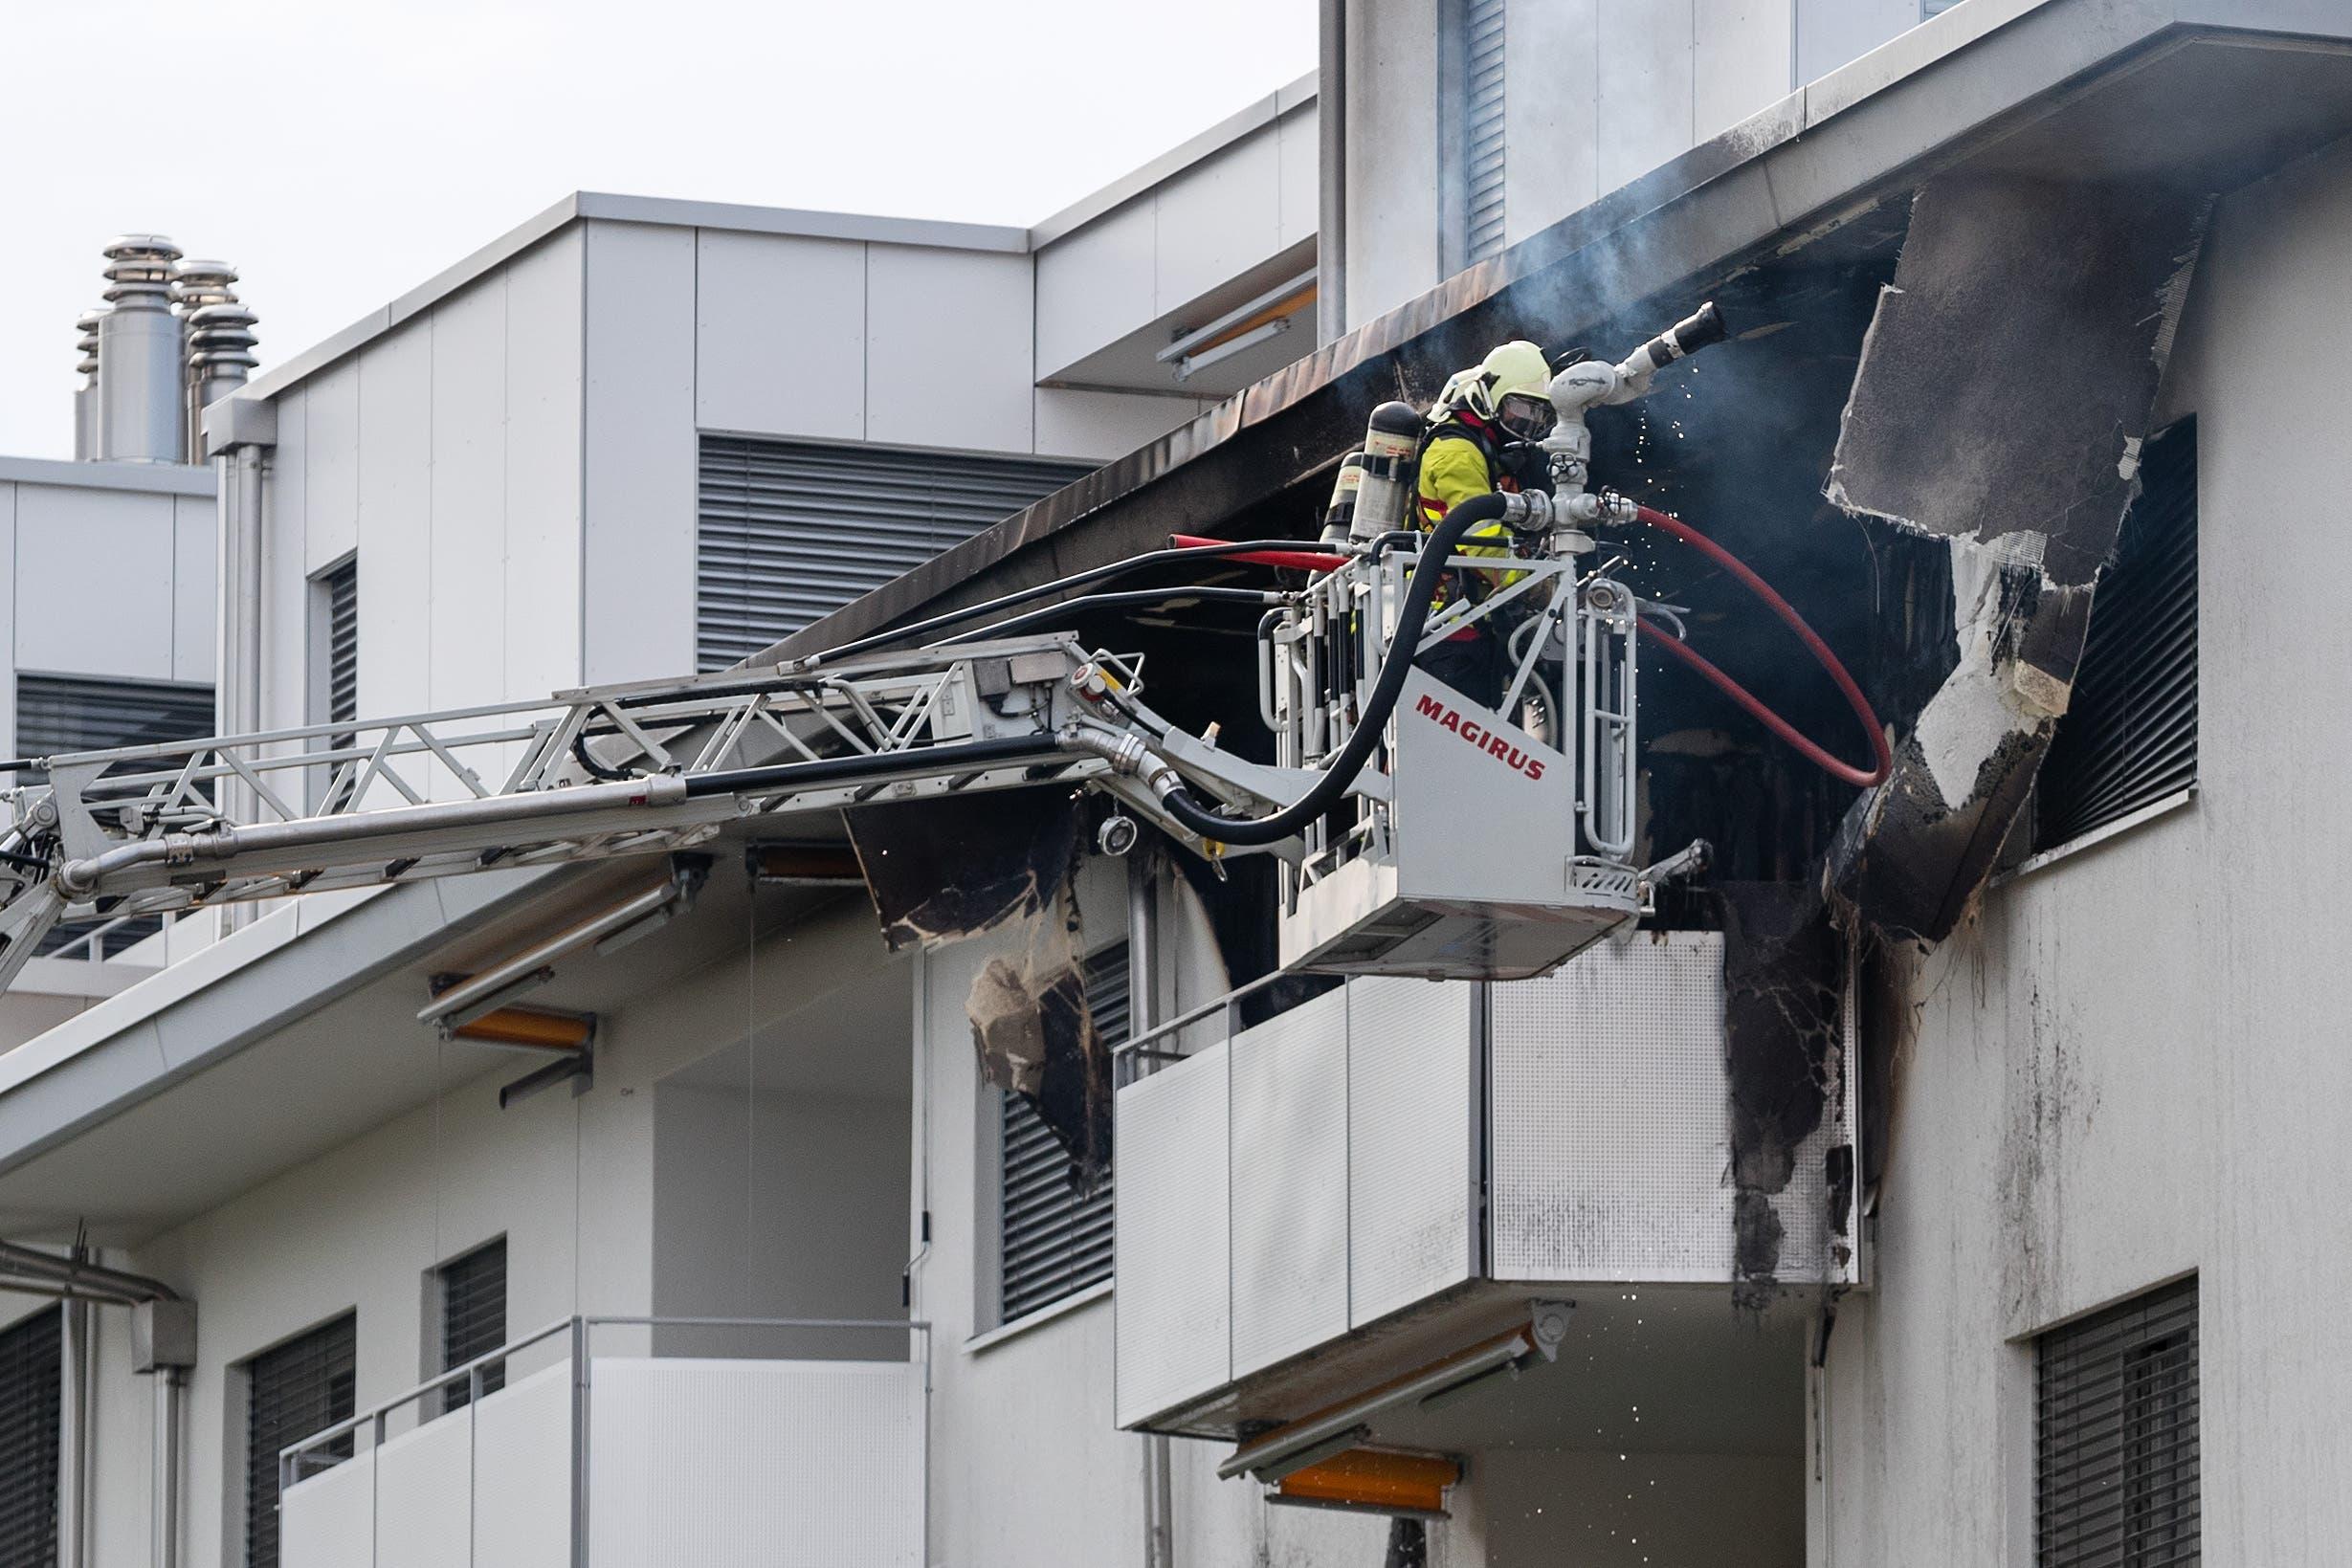 Die Feuerwehr ist im Einsatz in Kriens bei einem Wohnungsbrand. (Bild: Philipp Schmidli/LZ, Kriens, 3. Juli 2018)